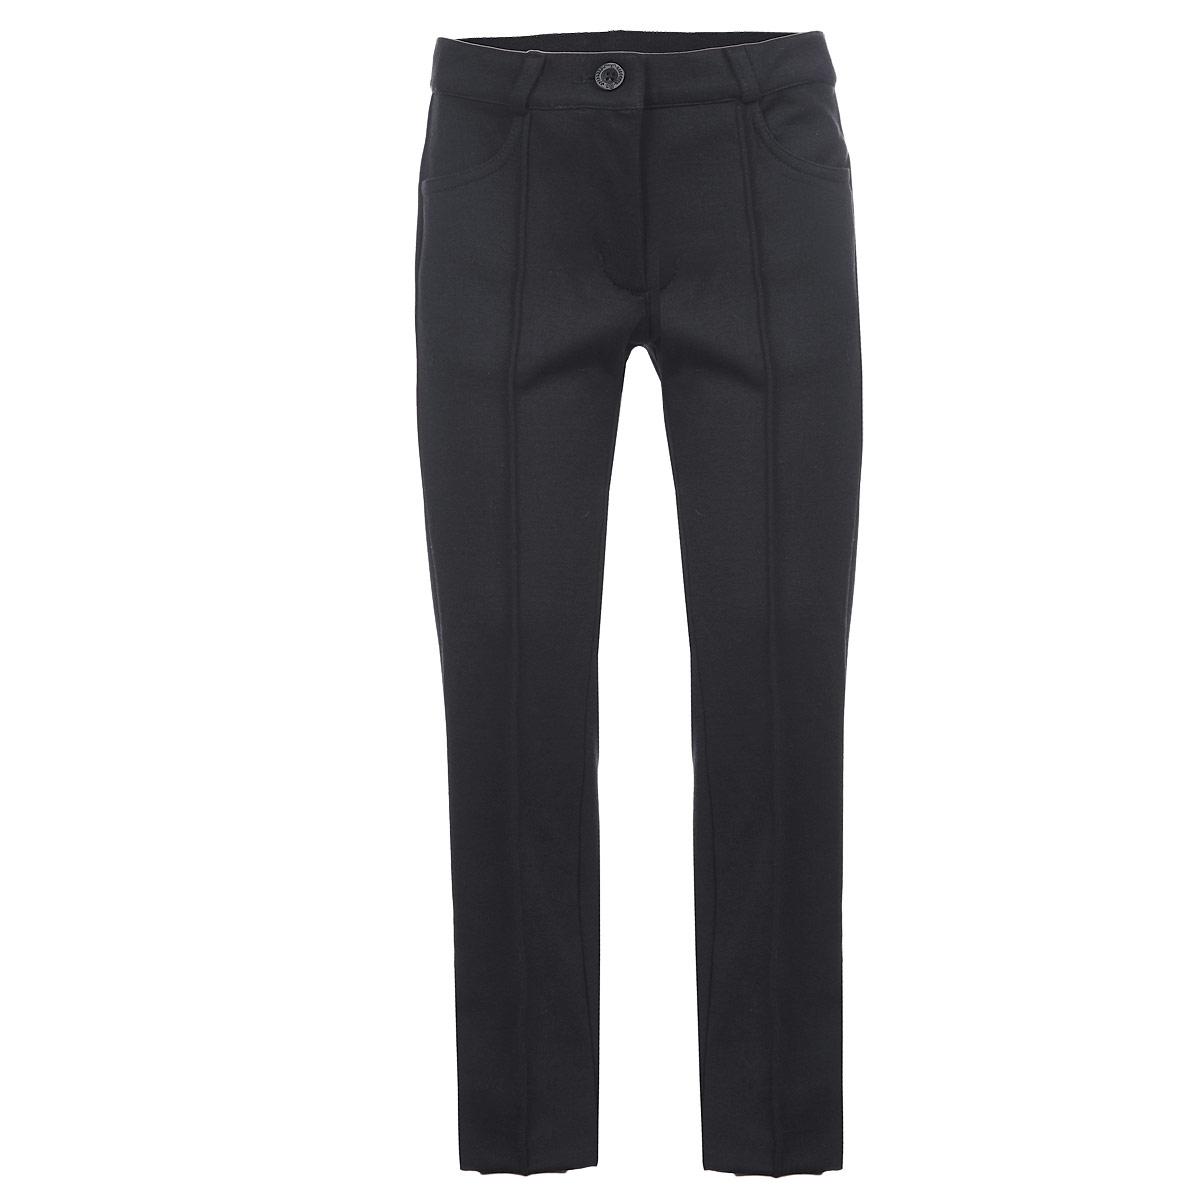 Брюки для девочки. 215BBGS56215BBGS5601Стильные брюки для девочки Button Blue идеально подойдут для школы и повседневной носки. Изготовленные из высококачественного материала, они необычайно мягкие и приятные на ощупь, не сковывают движения и позволяют коже дышать, обеспечивая наибольший комфорт. Брюки прямого кроя с застроченными стрелками прекрасно сидят и хорошо держат форму. Модель застегивается на пуговицу в поясе и ширинку на молнии, предусмотрены шлевки для ремня. Сзади на поясе изделие оформлено вышитой надписью с названием бренда. Спереди брюки дополнены двумя втачными карманами. Брючины оформлены небольшими отворотами. Такие брюки будут прекрасно сочетаться с различными блузками и пиджаками. Такие брюки - отличный выбор для школьного гардероба.